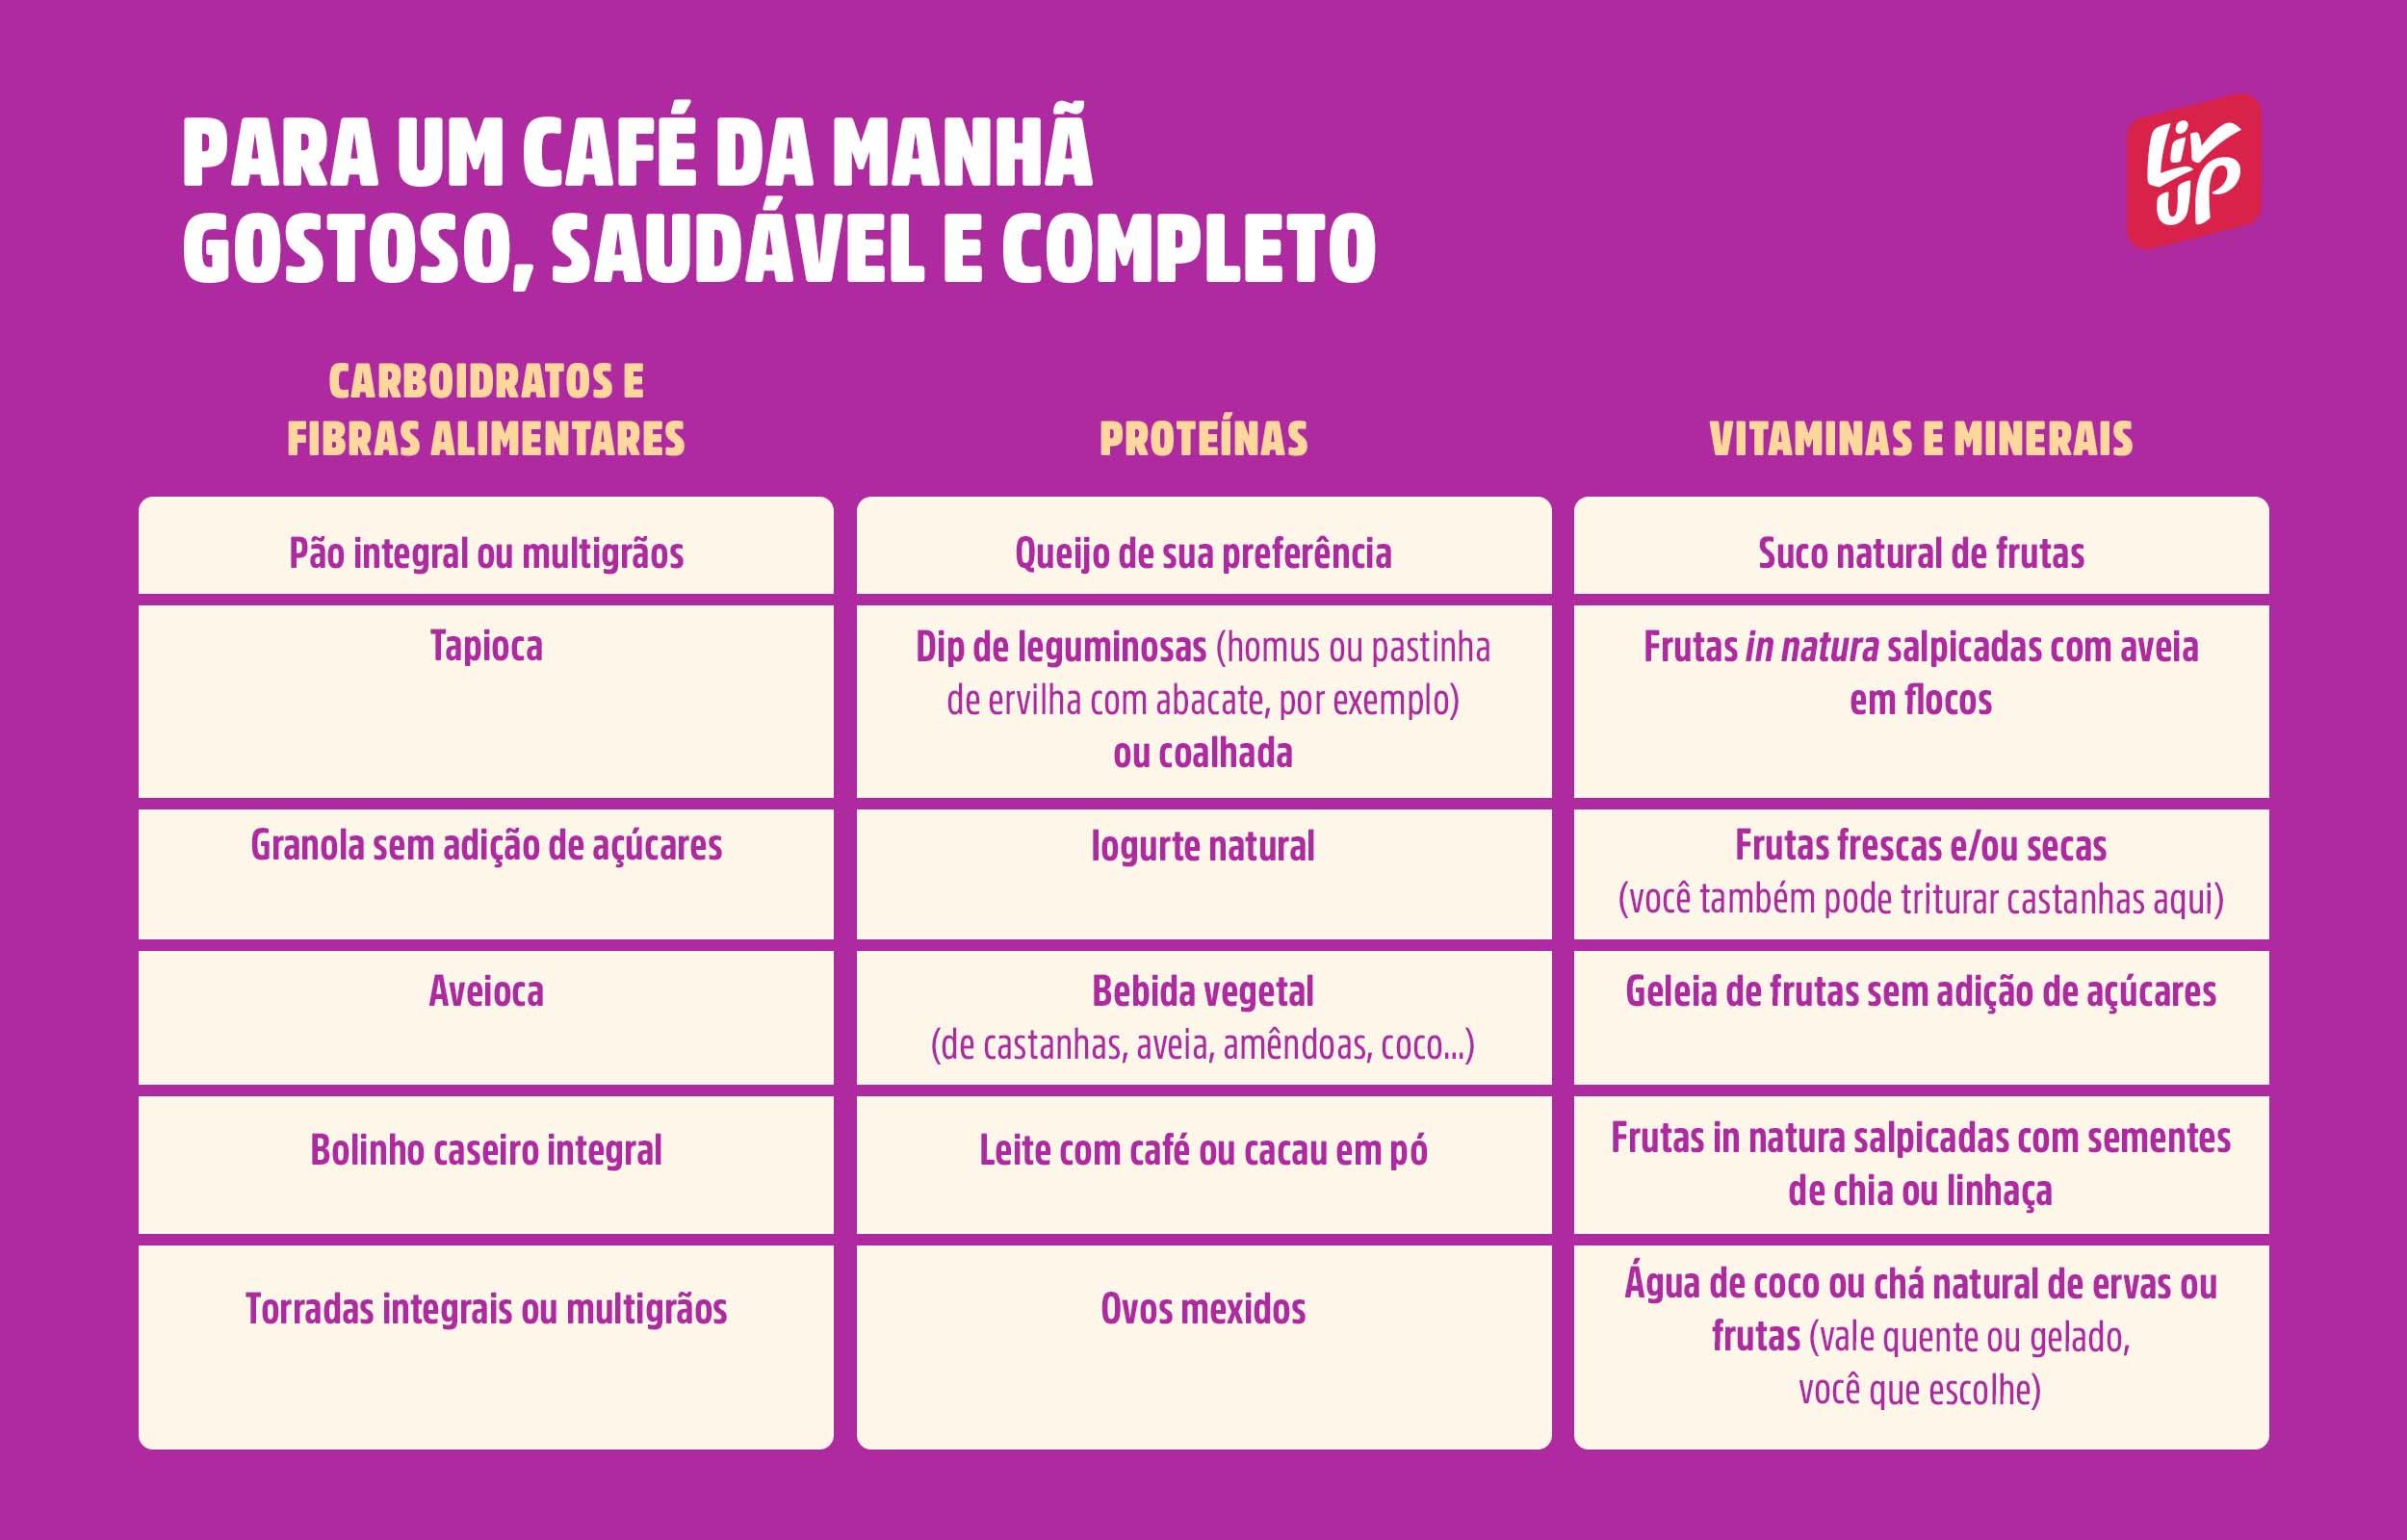 cardapio-de-alimentacao-saudavel-para-o-cafe-da-manha